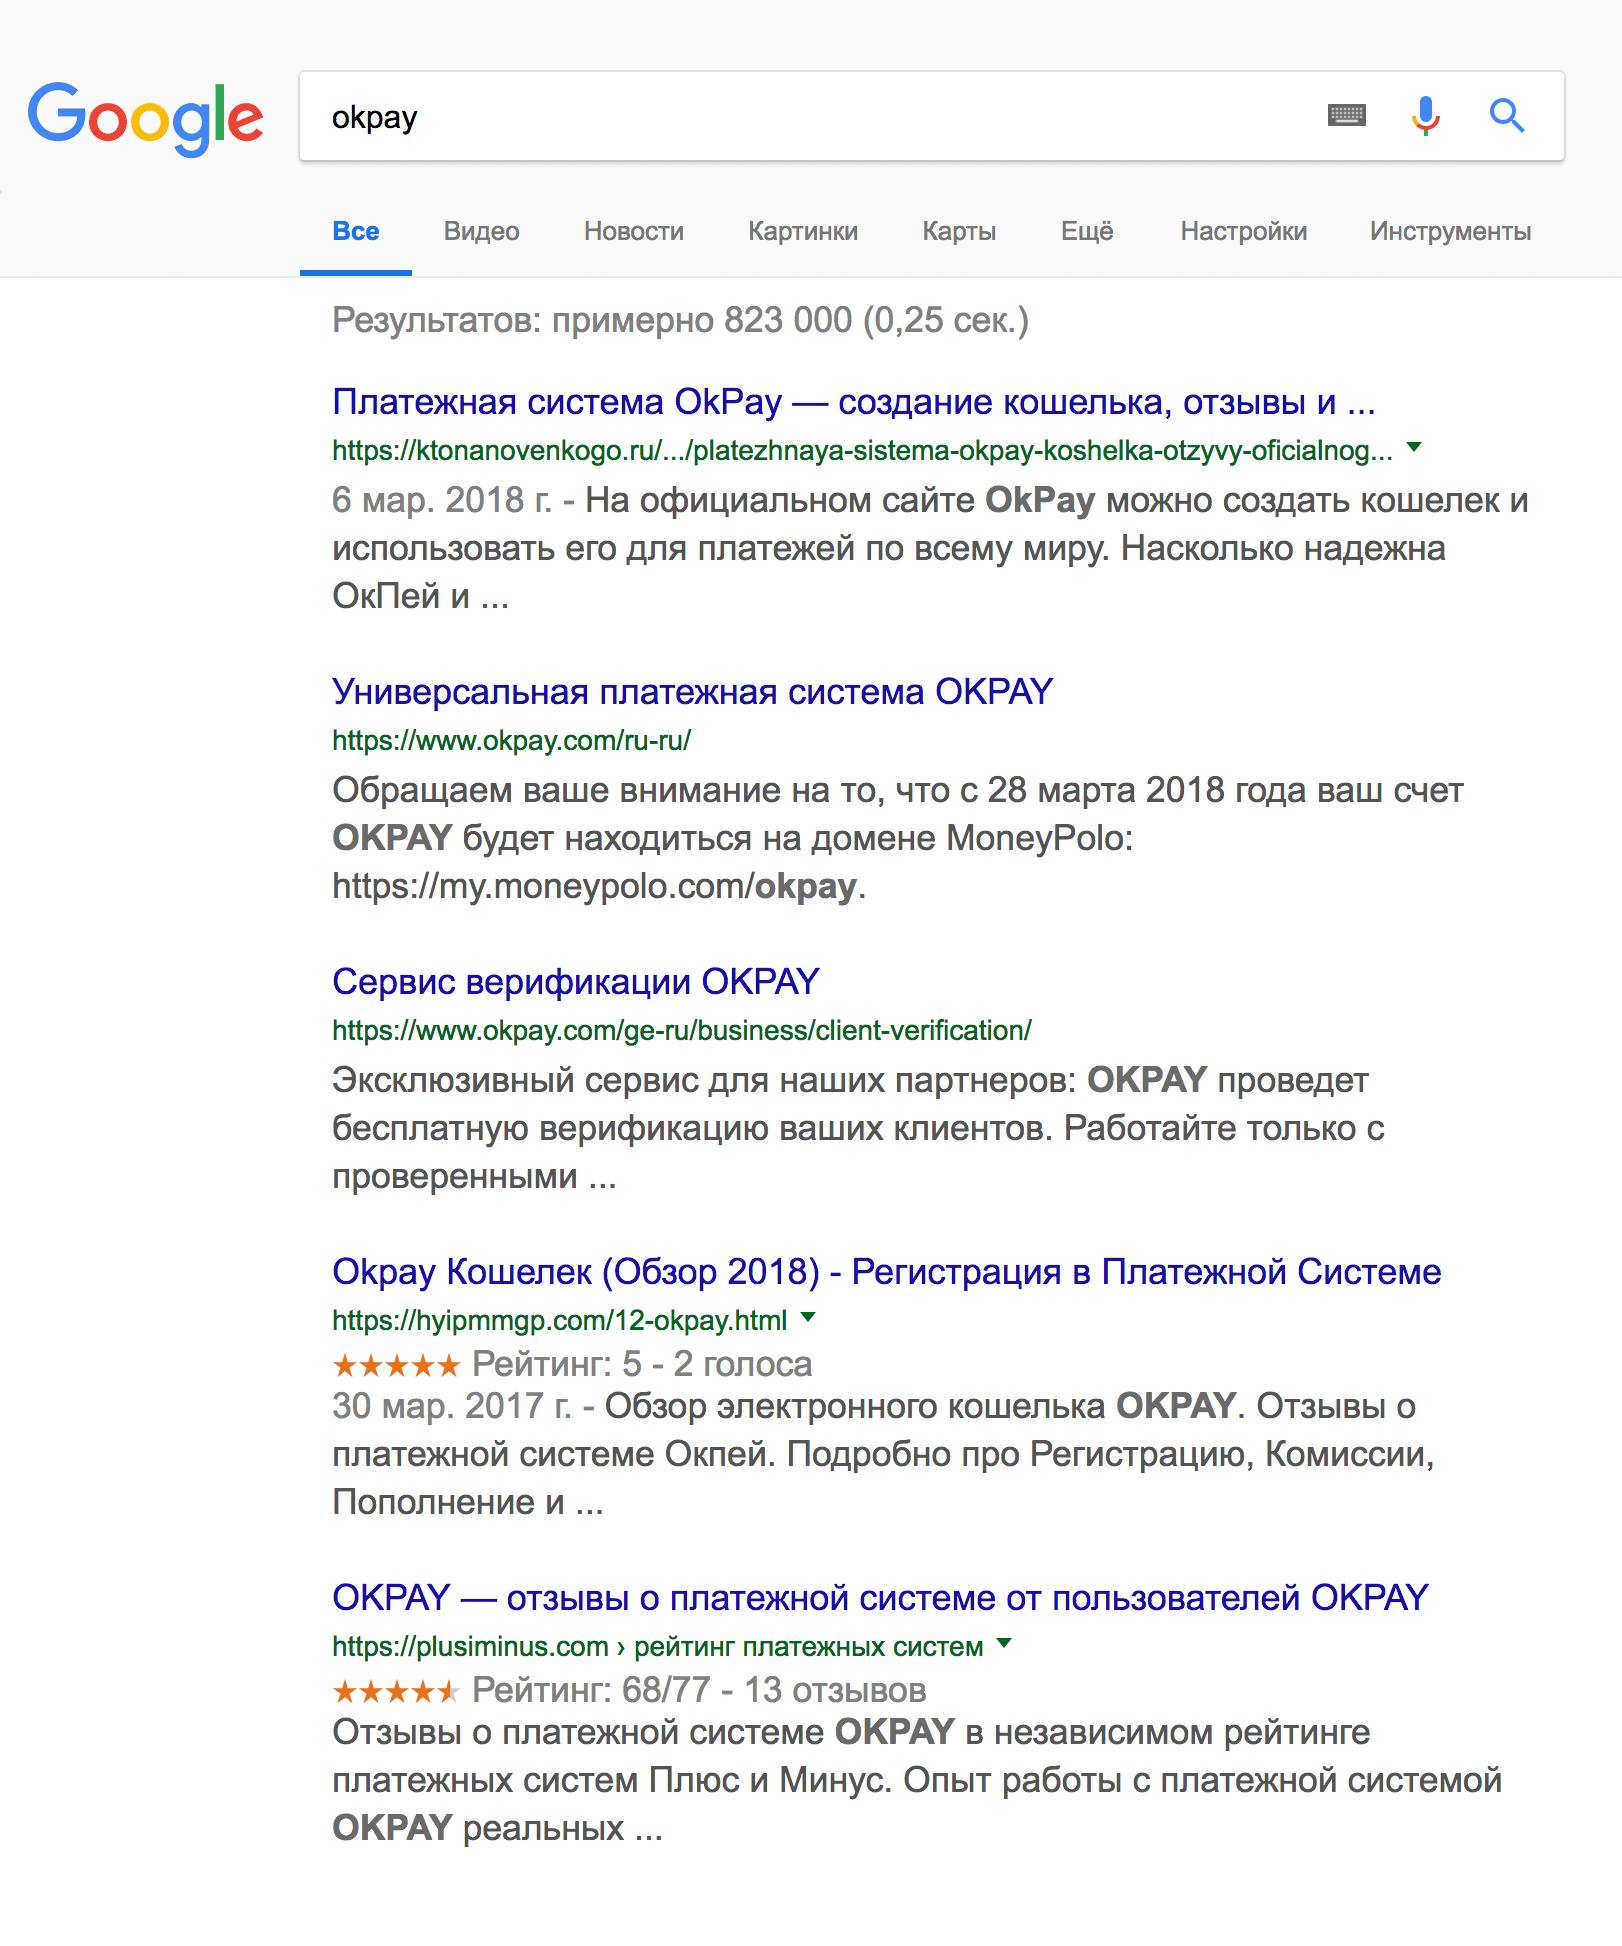 Результаты выдачи Гугла по запросу «okpay». Отзывов много, на первый взгляд, они положительные. Сам сайт на 12.10.2018 г. уже не работает